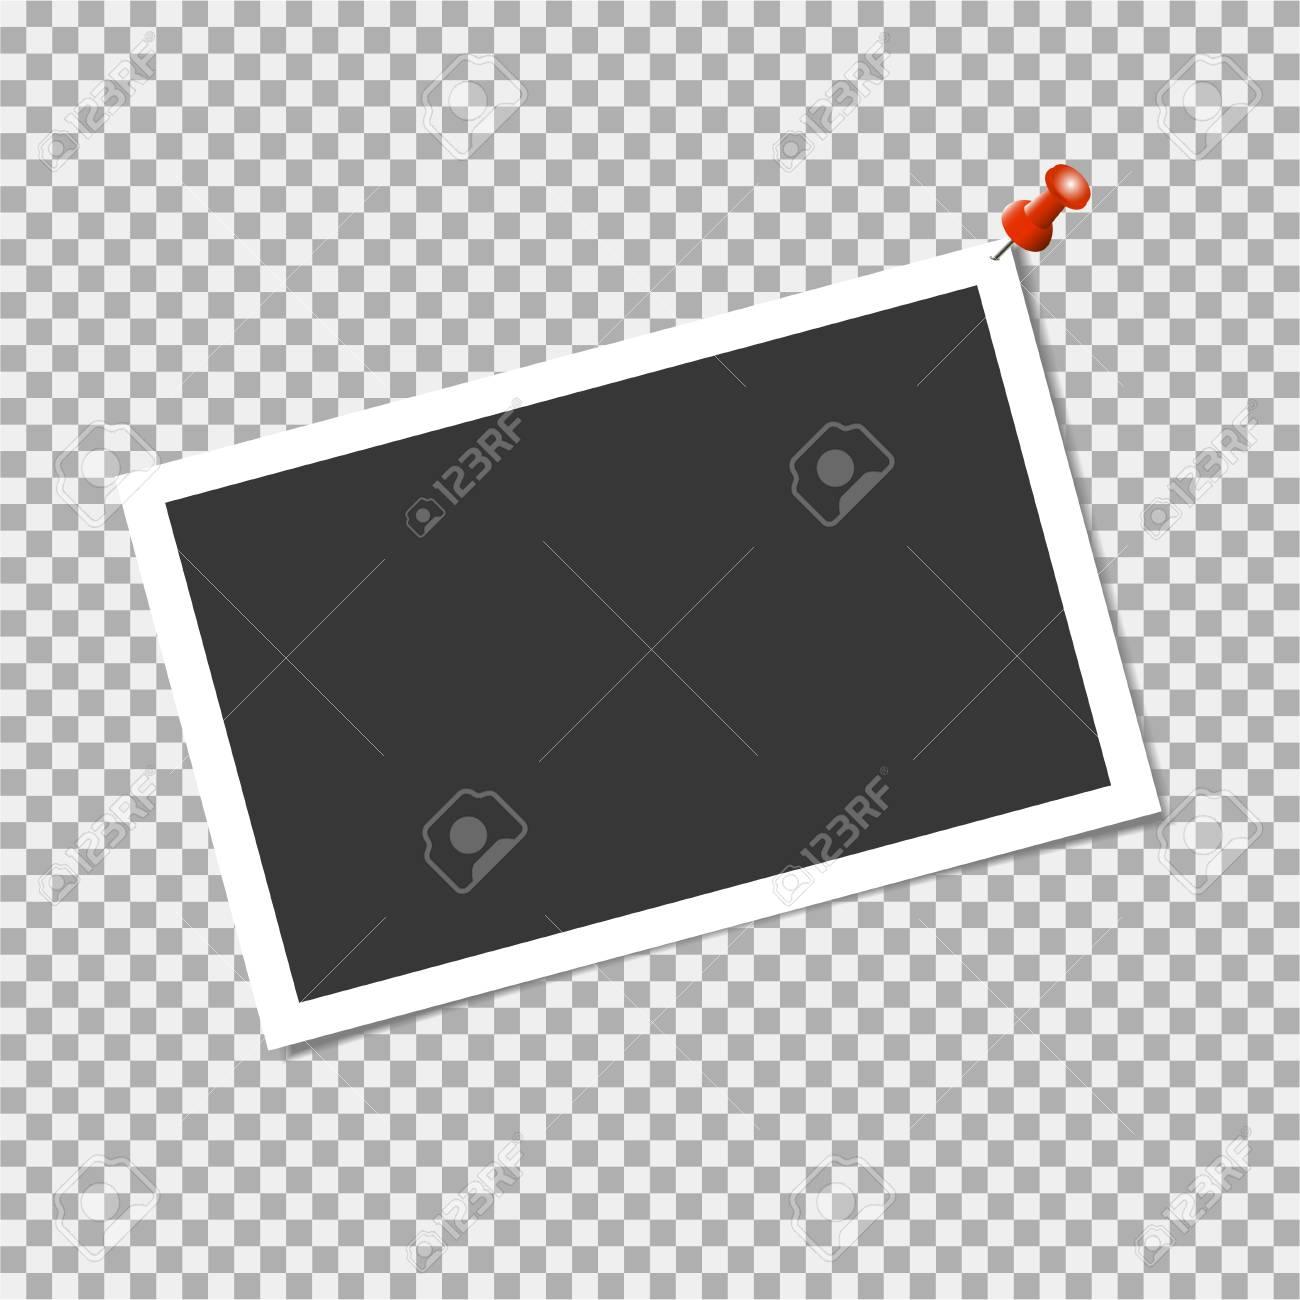 Banque d images - Cadre photo avec épingle sur fond transparent. Modèle  vectoriel bb6a2a0bf2d